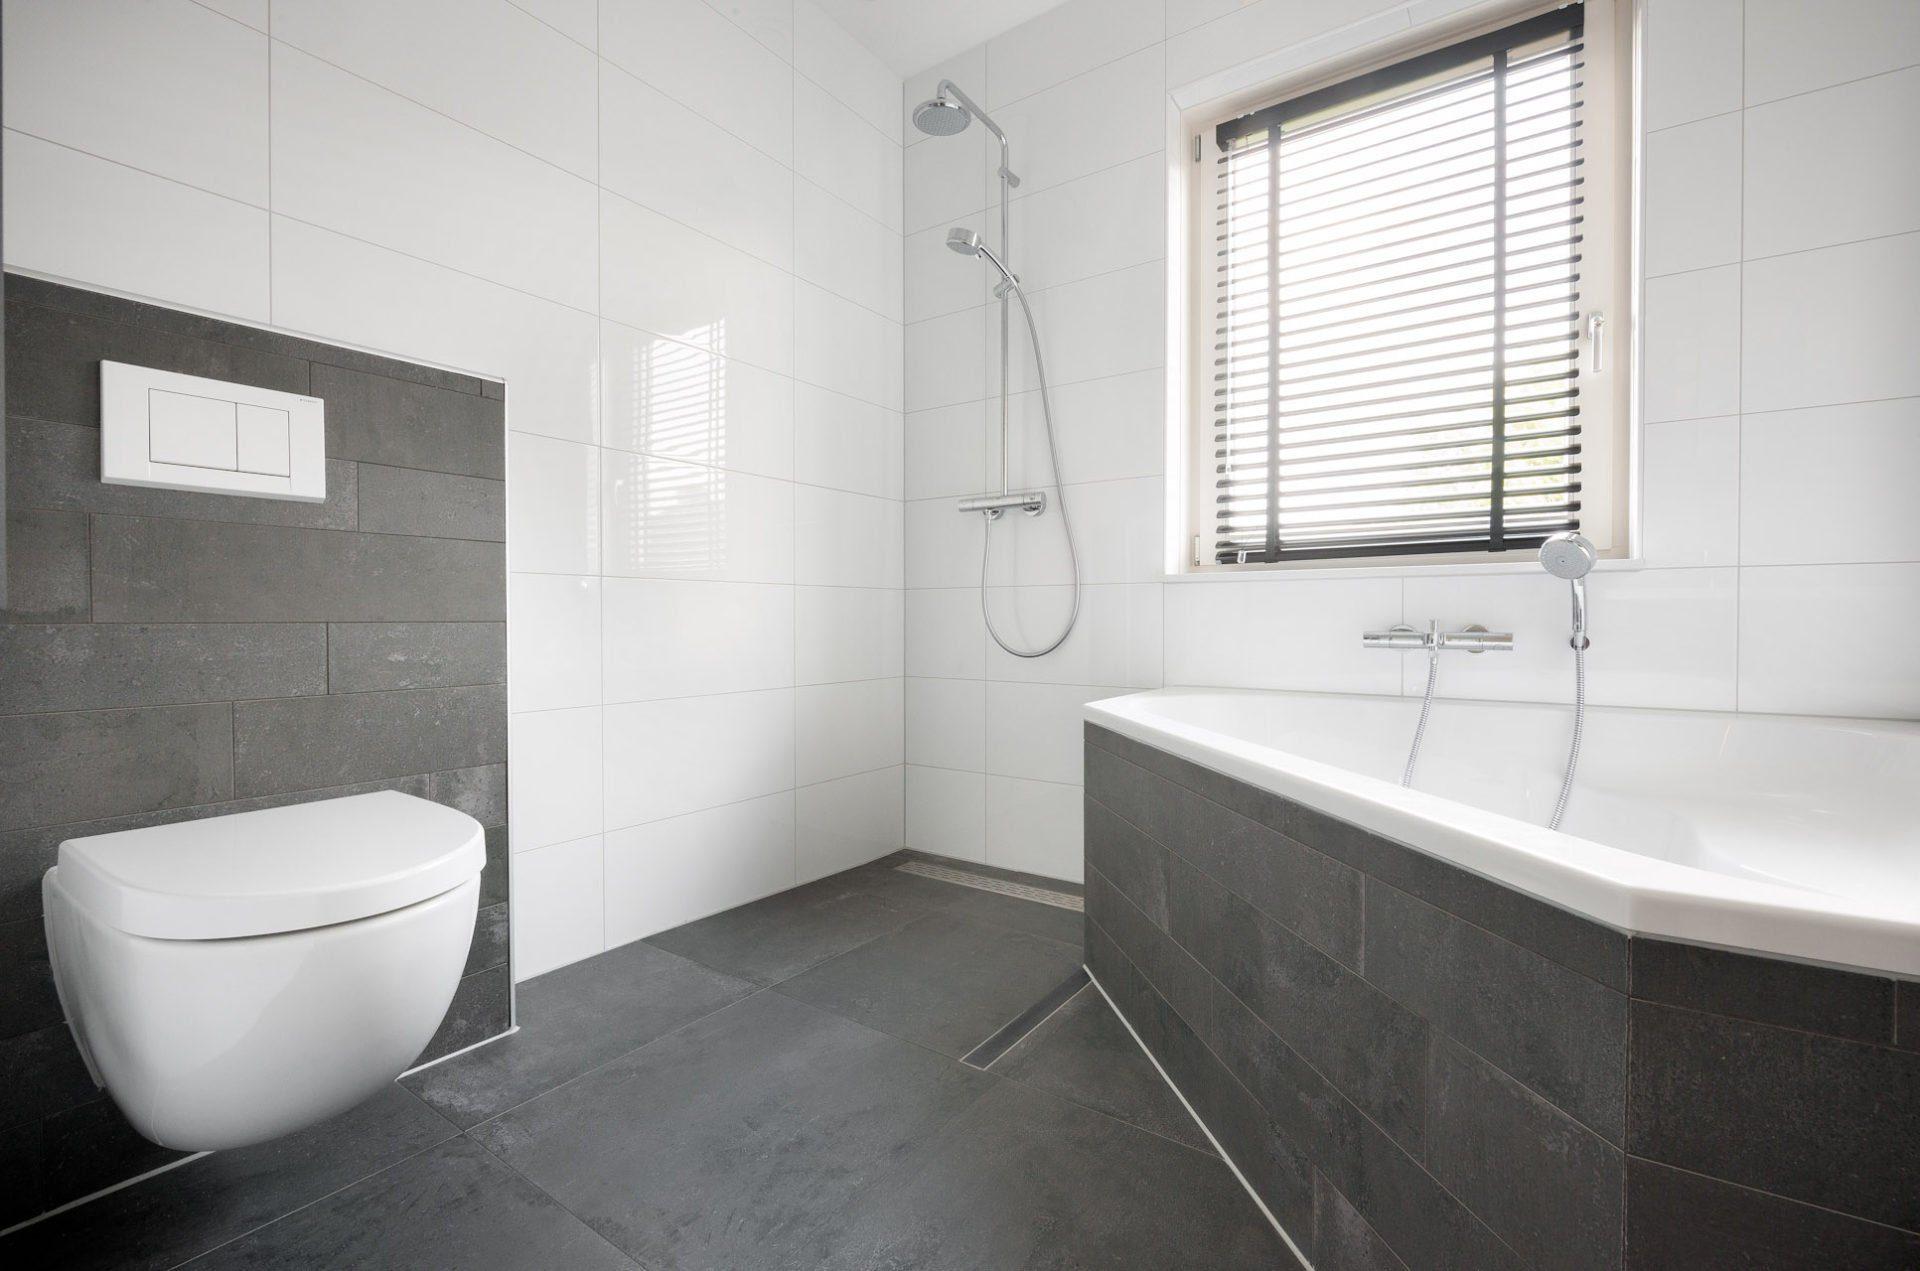 badkamer donkere vloer fuck for